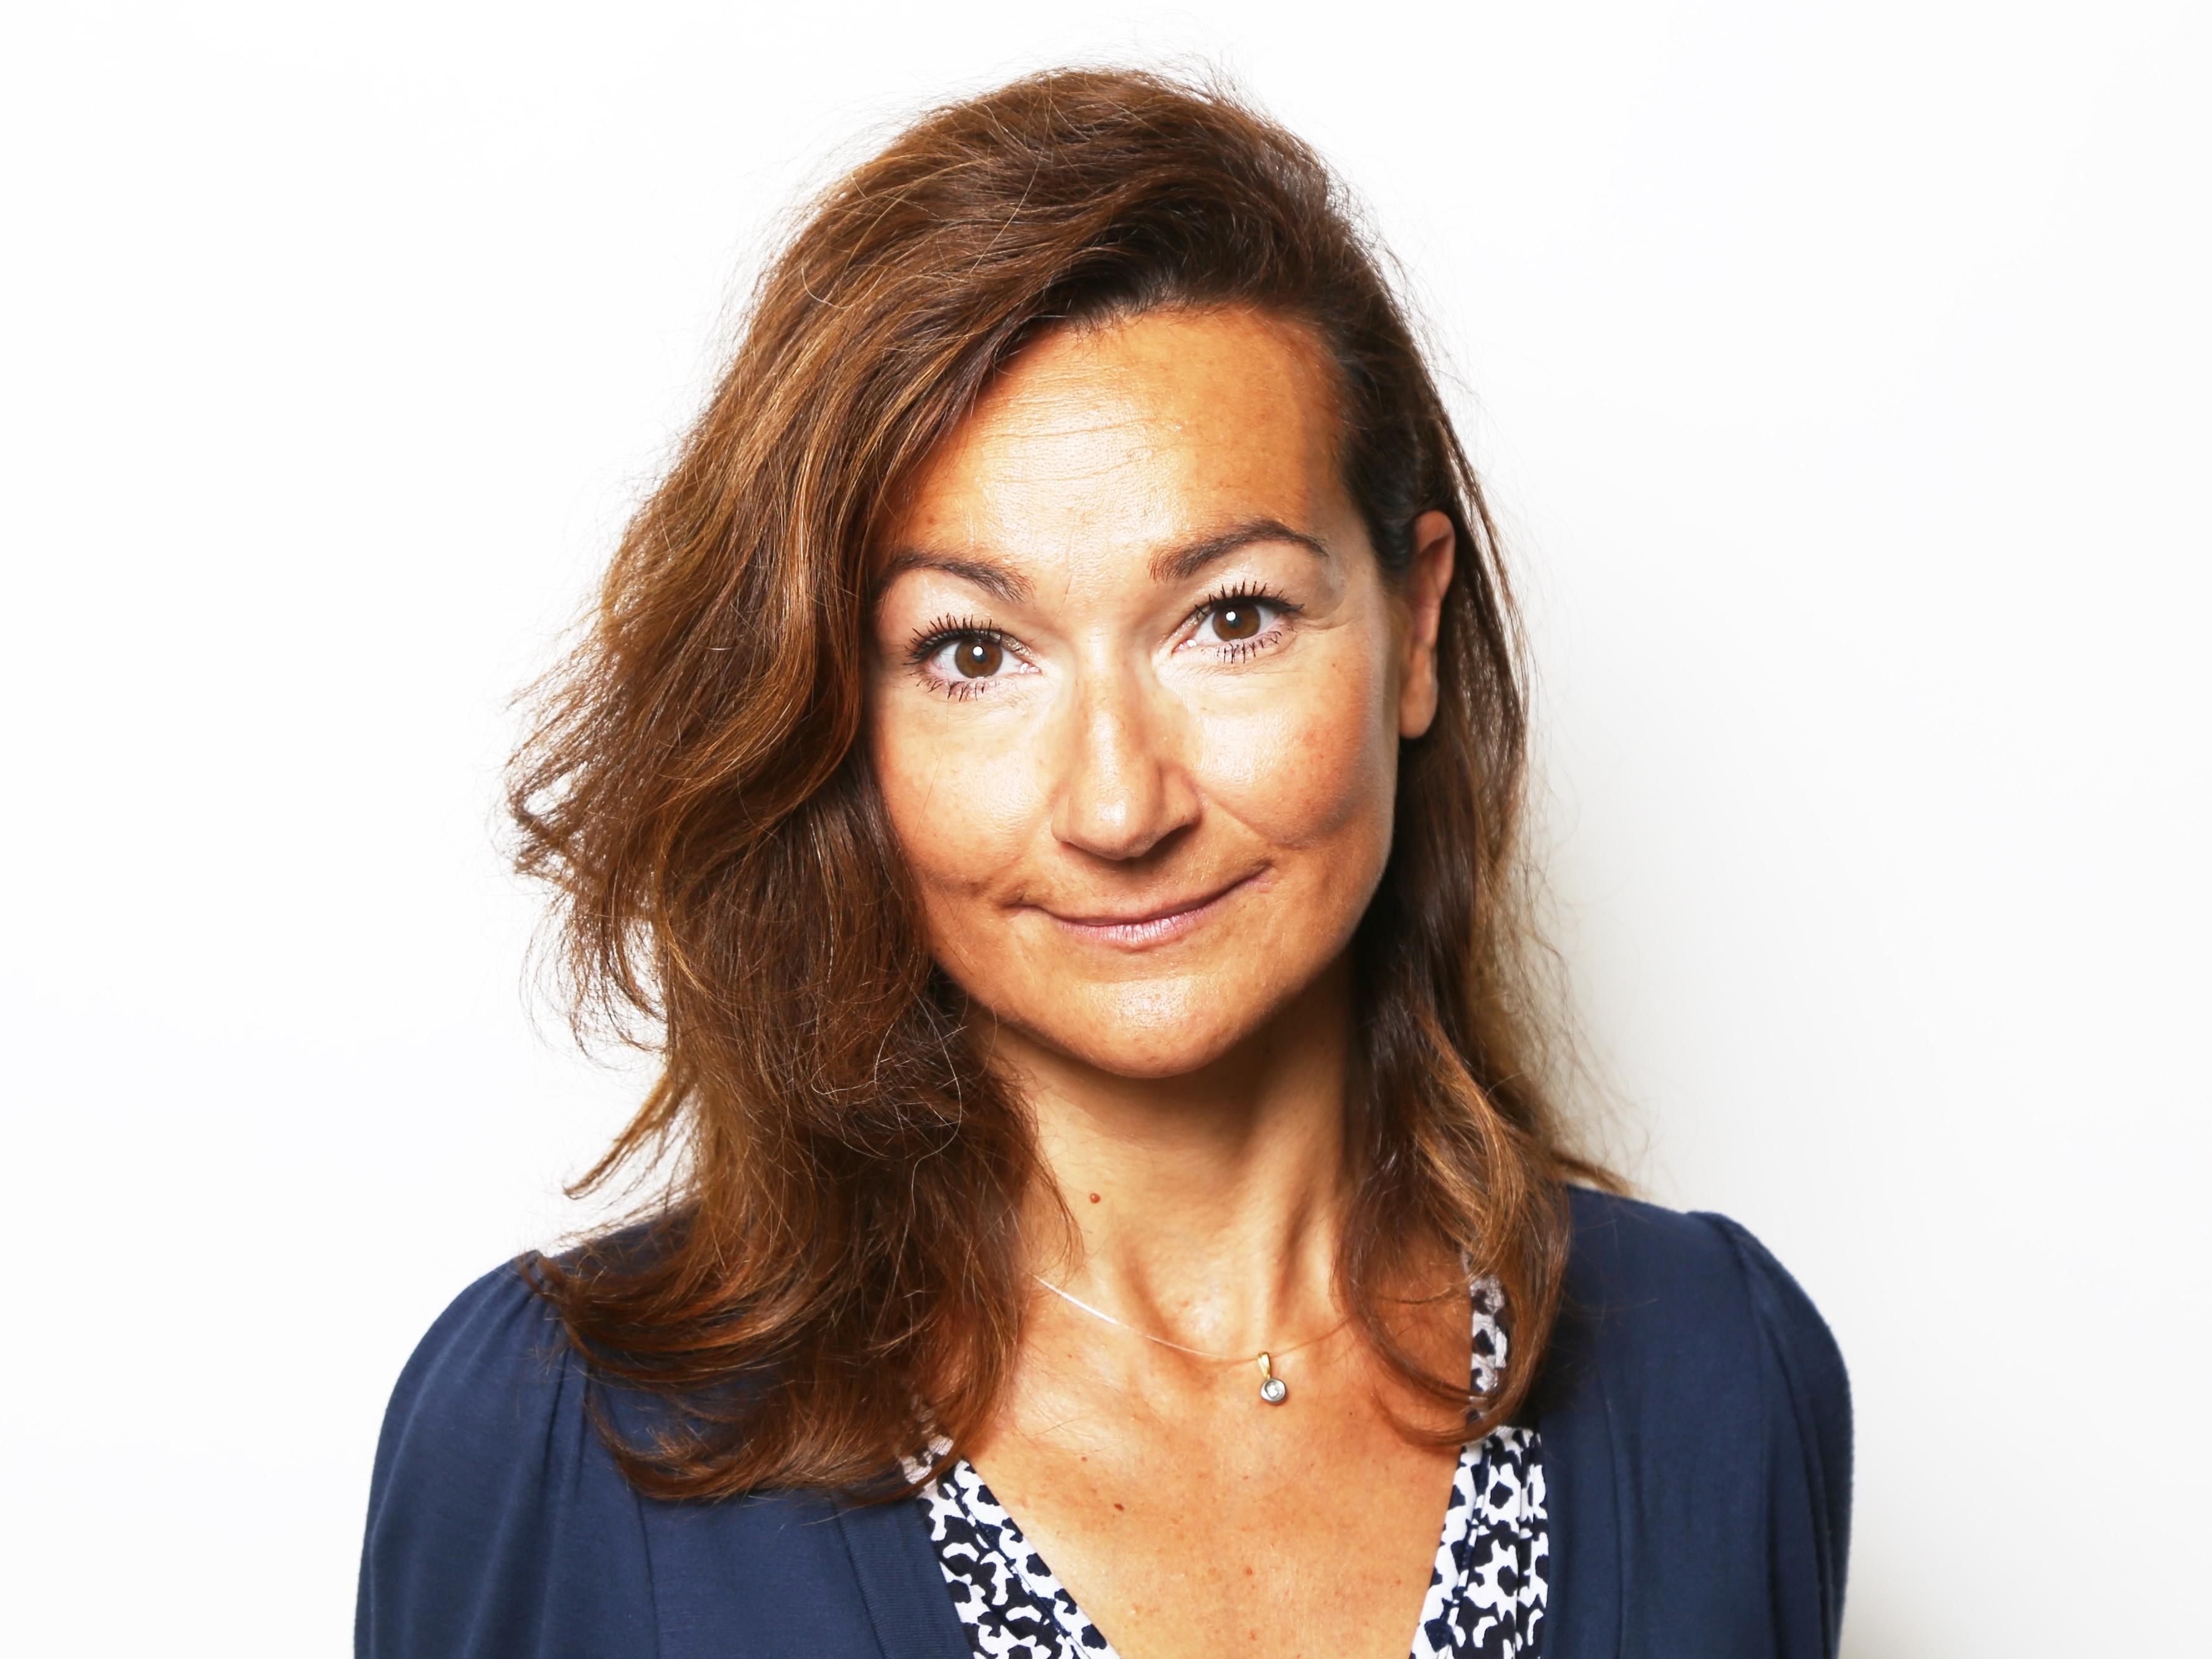 La Professeure Valérie Chavez élue membre de la Bernoulli Society for Mathematical Statistics and Probability